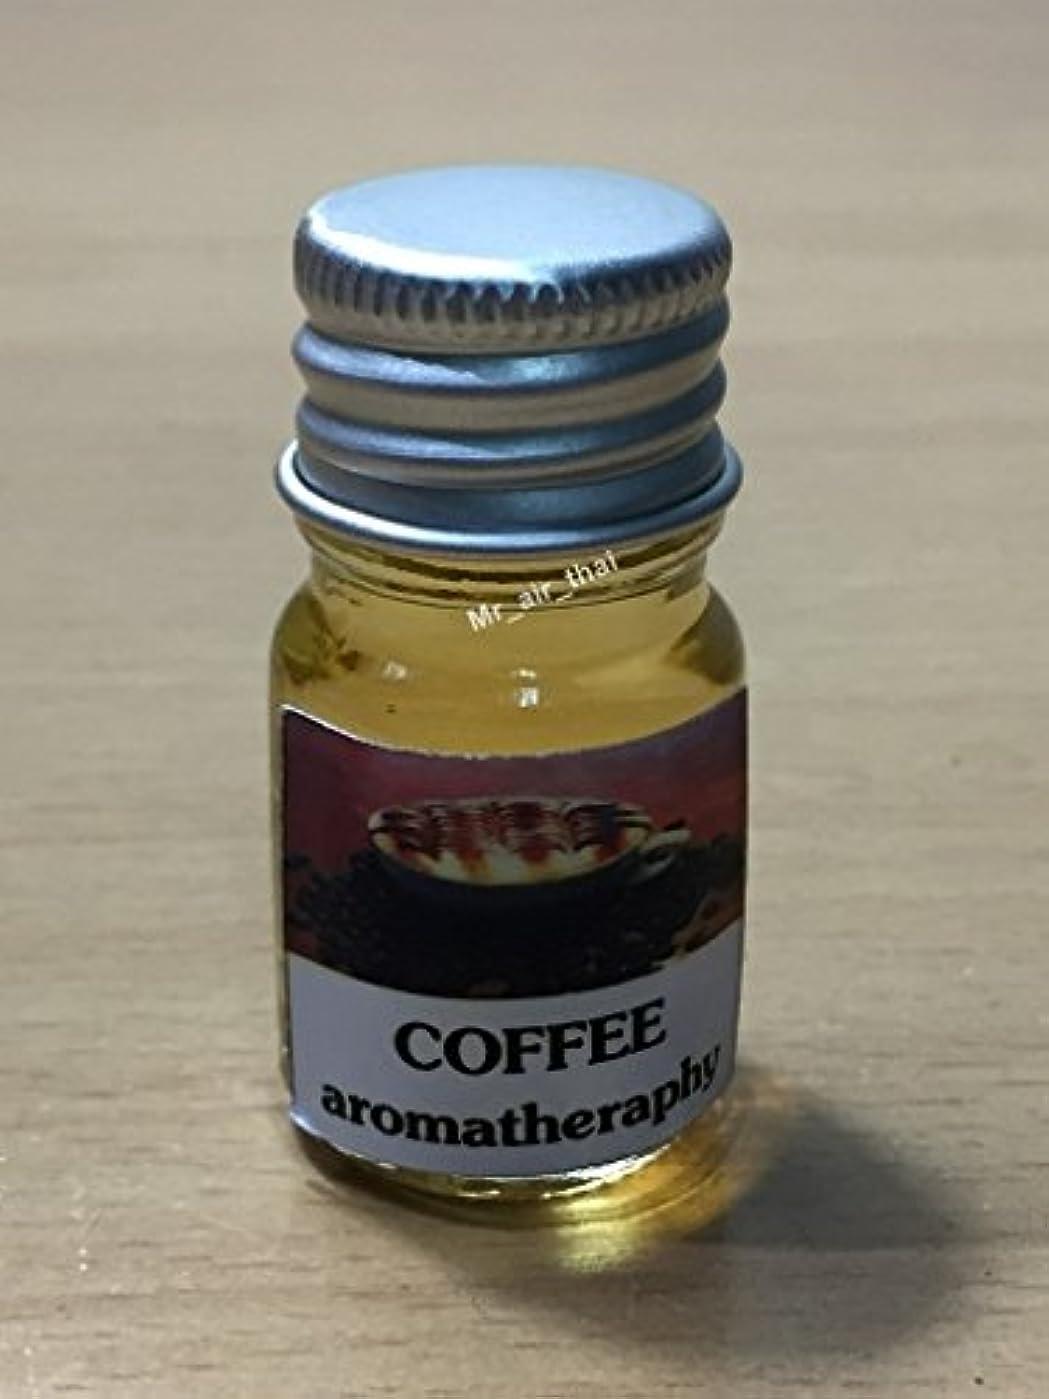 首相マオリプット5ミリリットルアロマコーヒーフランクインセンスエッセンシャルオイルボトルアロマテラピーオイル自然自然5ml Aroma Coffee Frankincense Essential Oil Bottles Aromatherapy...